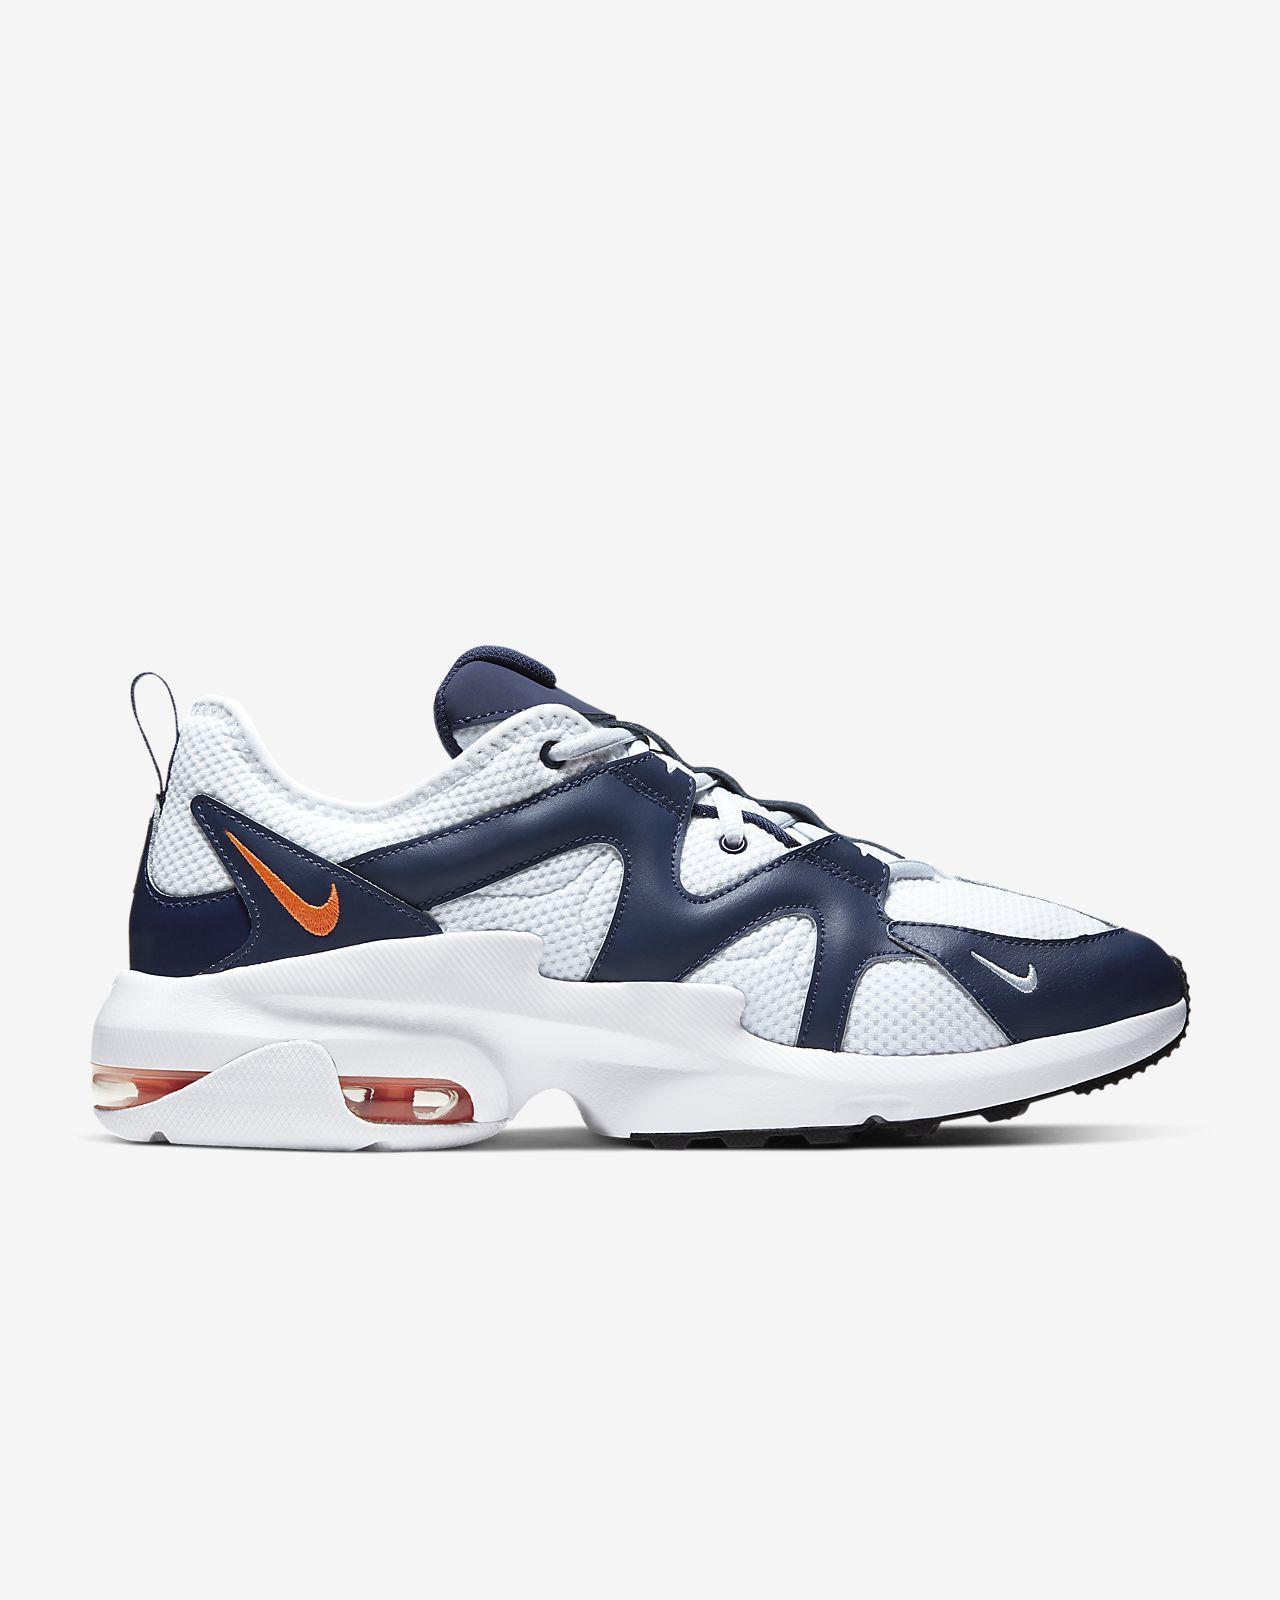 Nike Graviton Air Max Shoe Men's 53RjqA4L